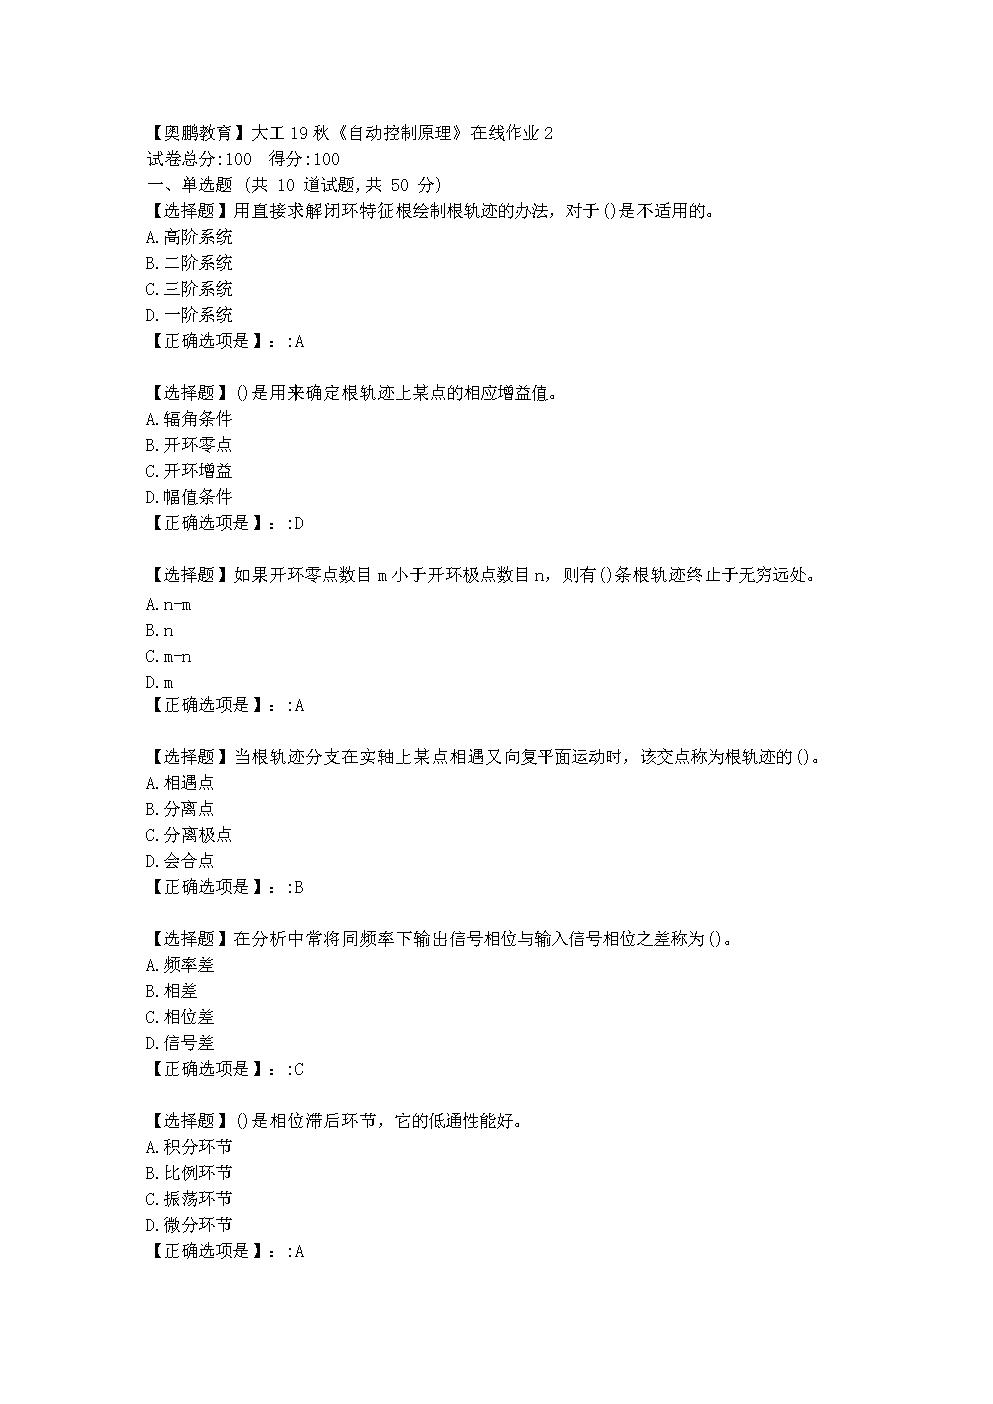 大连理工大学19秋《自动控制原理》在线作业2学习资料.doc